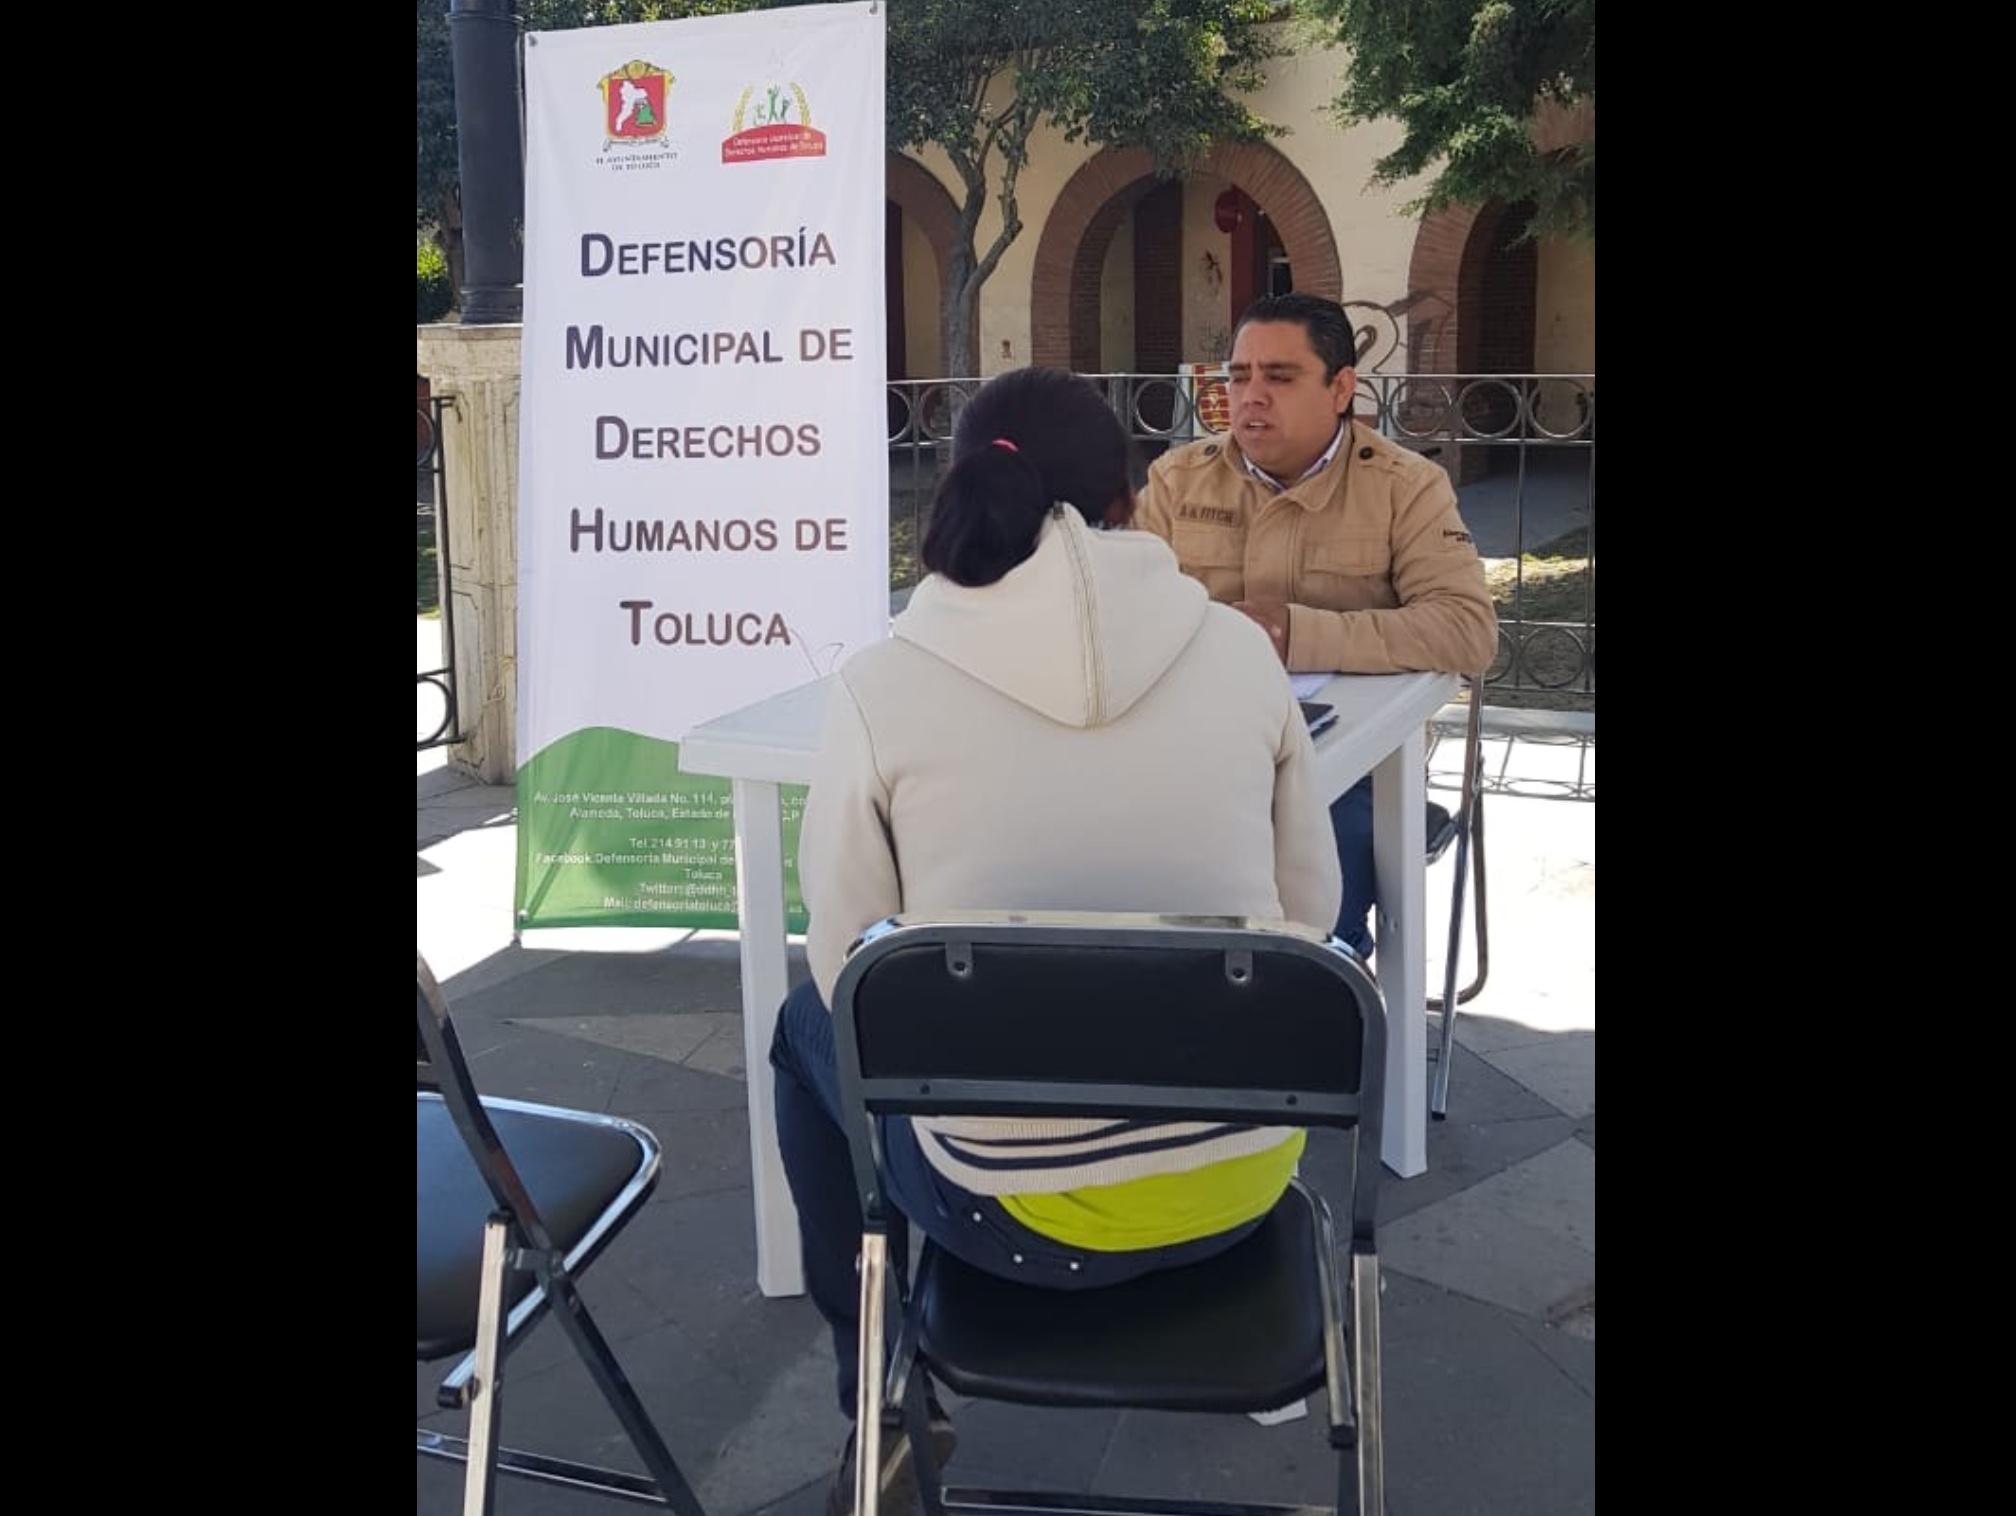 """Arma Toluca """"clases"""" sobre Derechos Humanos"""